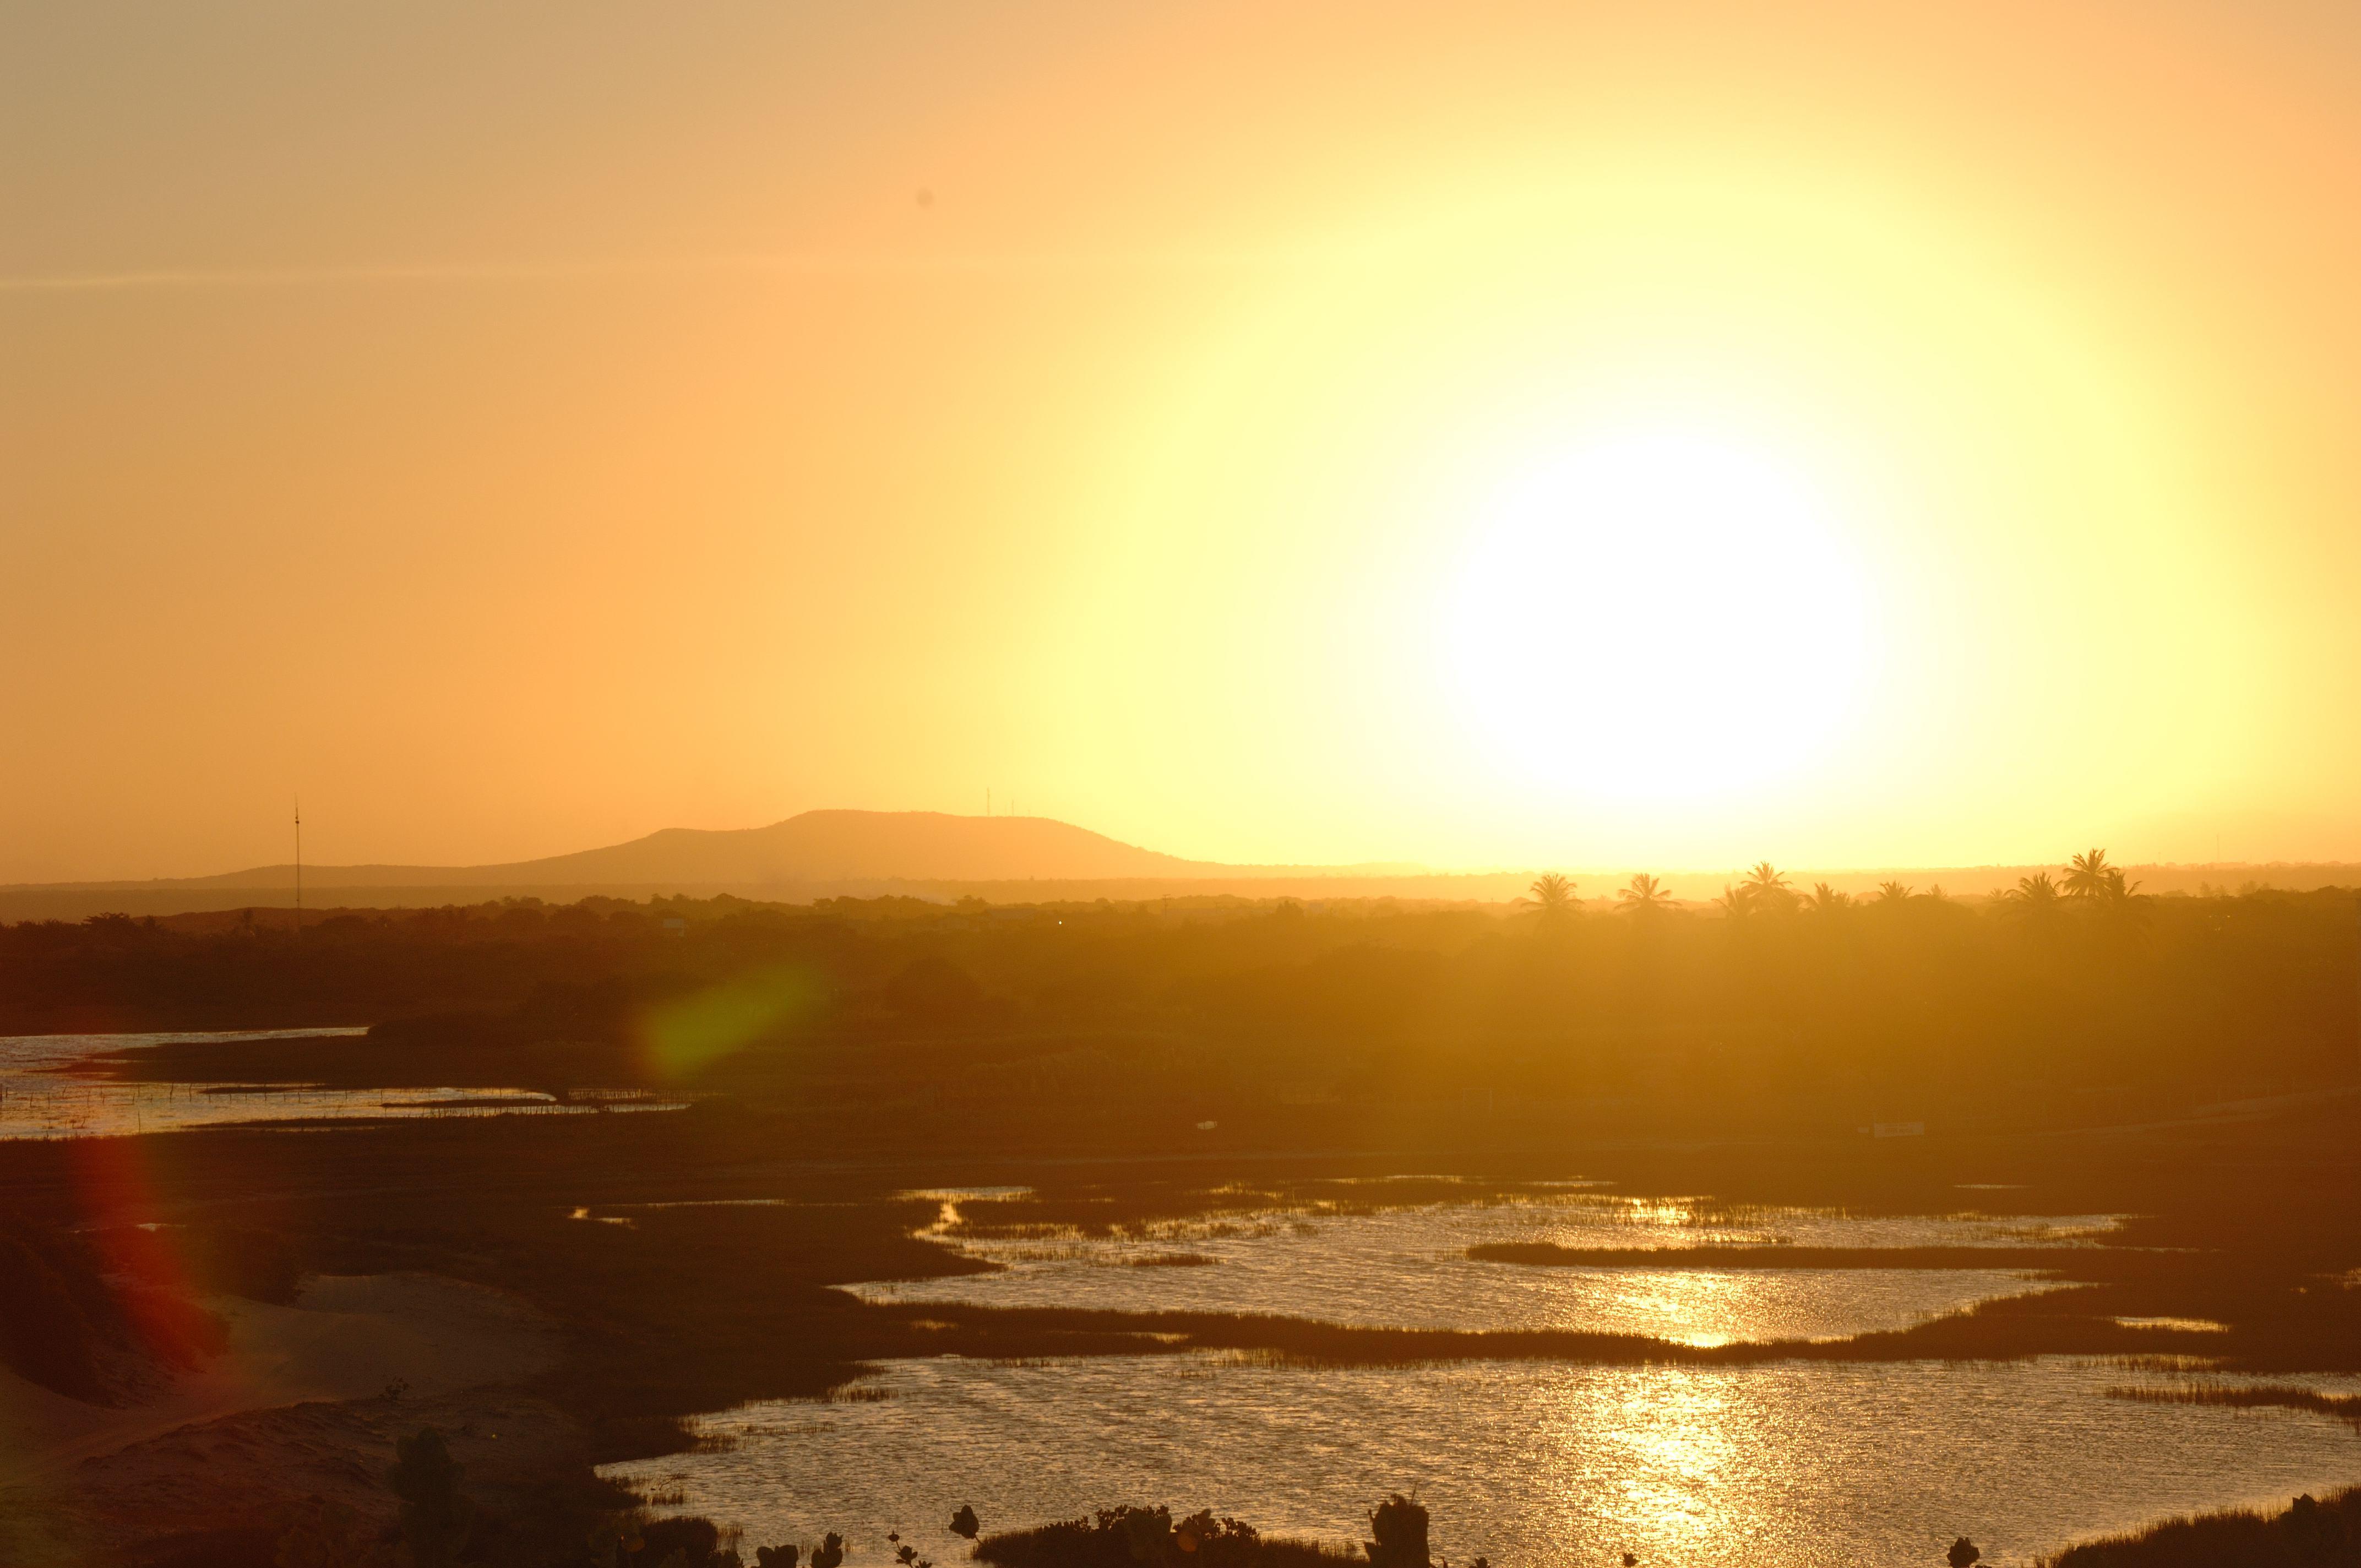 """O Centro de Previsão de Tempo e Estudos Climáticos (CPTEC/INPE) divulgou um estudo que aponta a temperatura variando entre """"normal ou acima da normal climatológico"""" para esse período."""